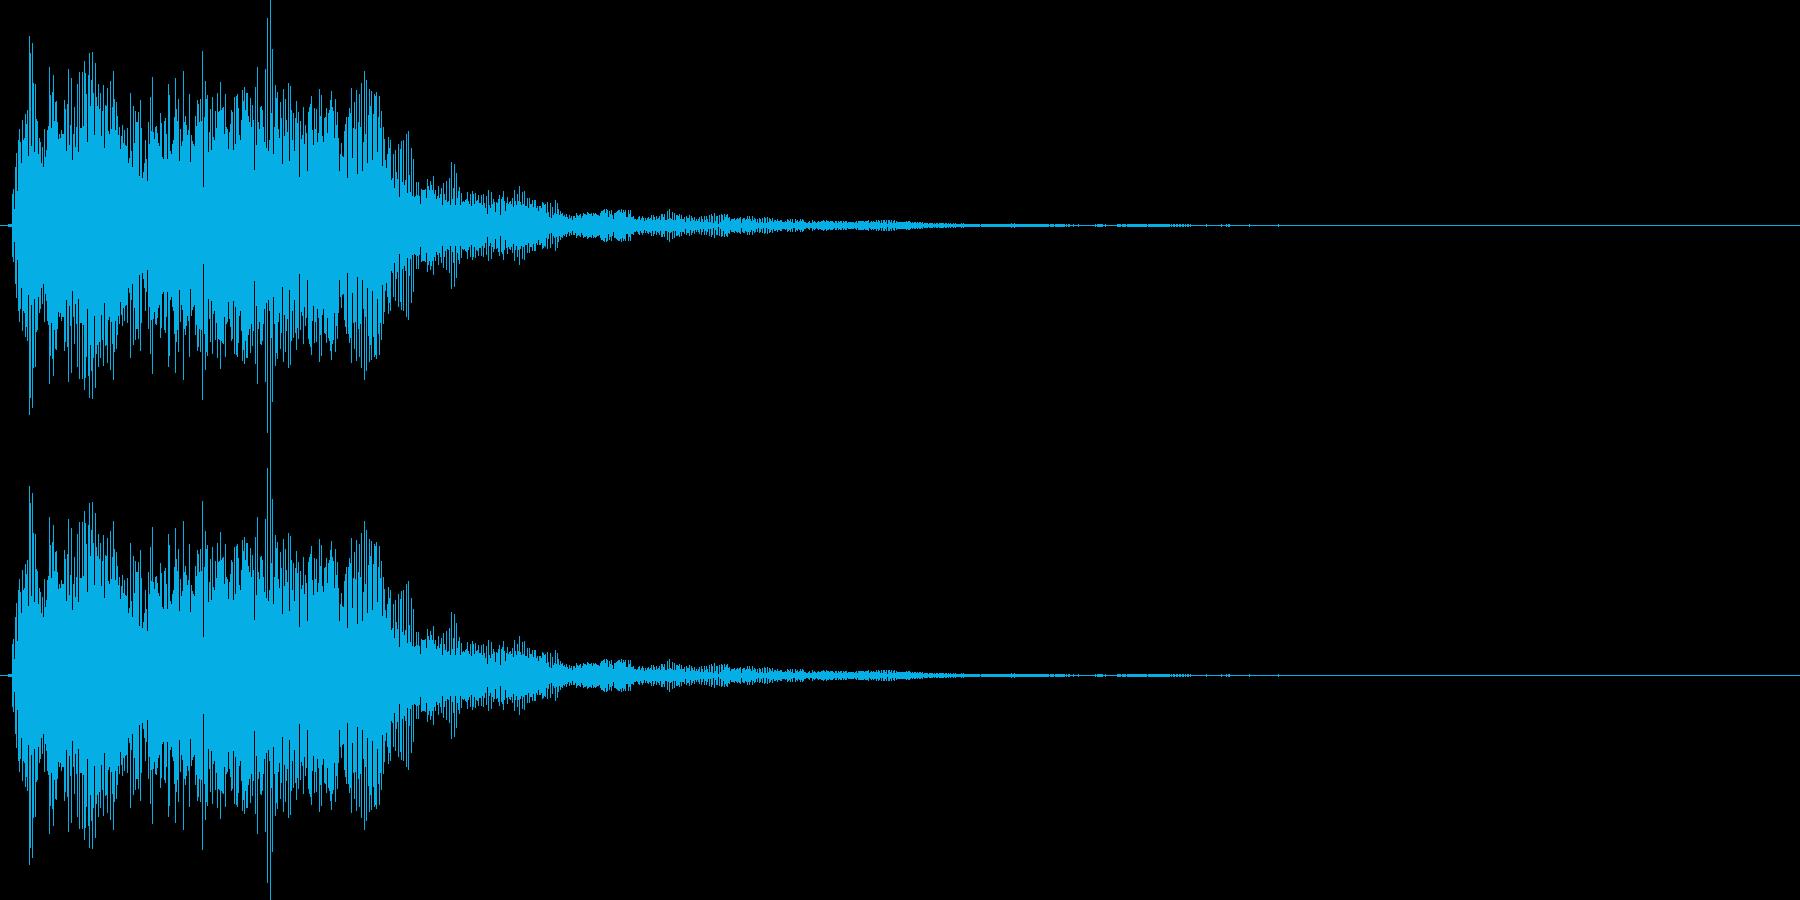 デデーン3 (クイズ出題系 音程高め)の再生済みの波形